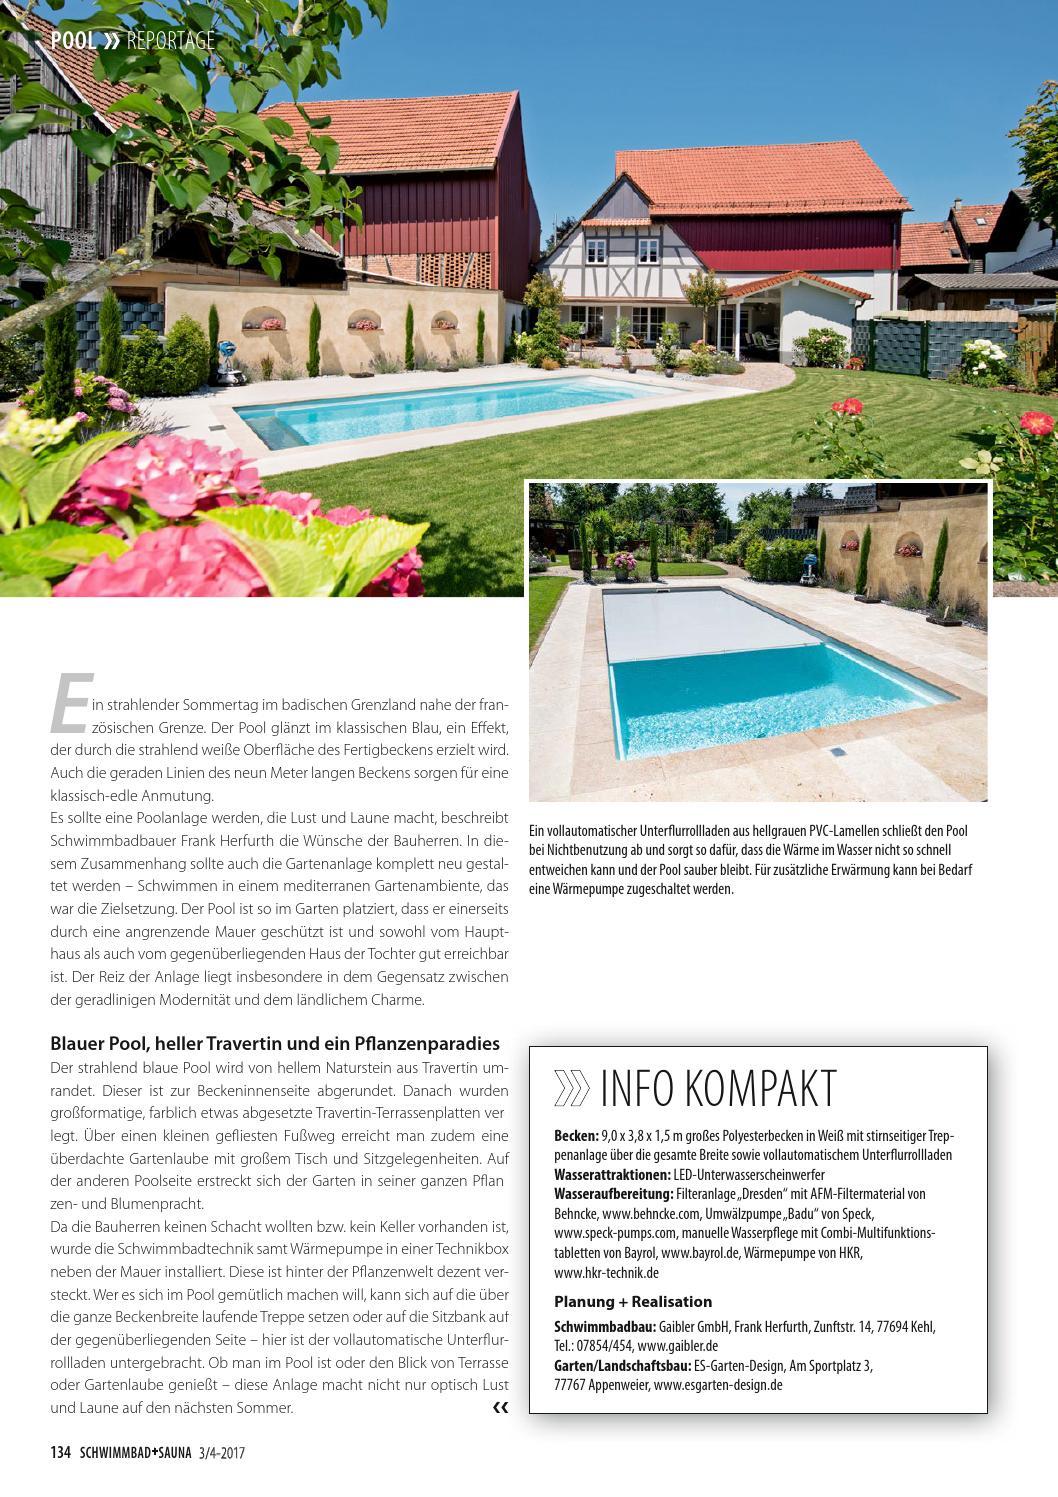 Herfurth Gmbh schwimmbad 3 4 2017 by fachschriften verlag issuu